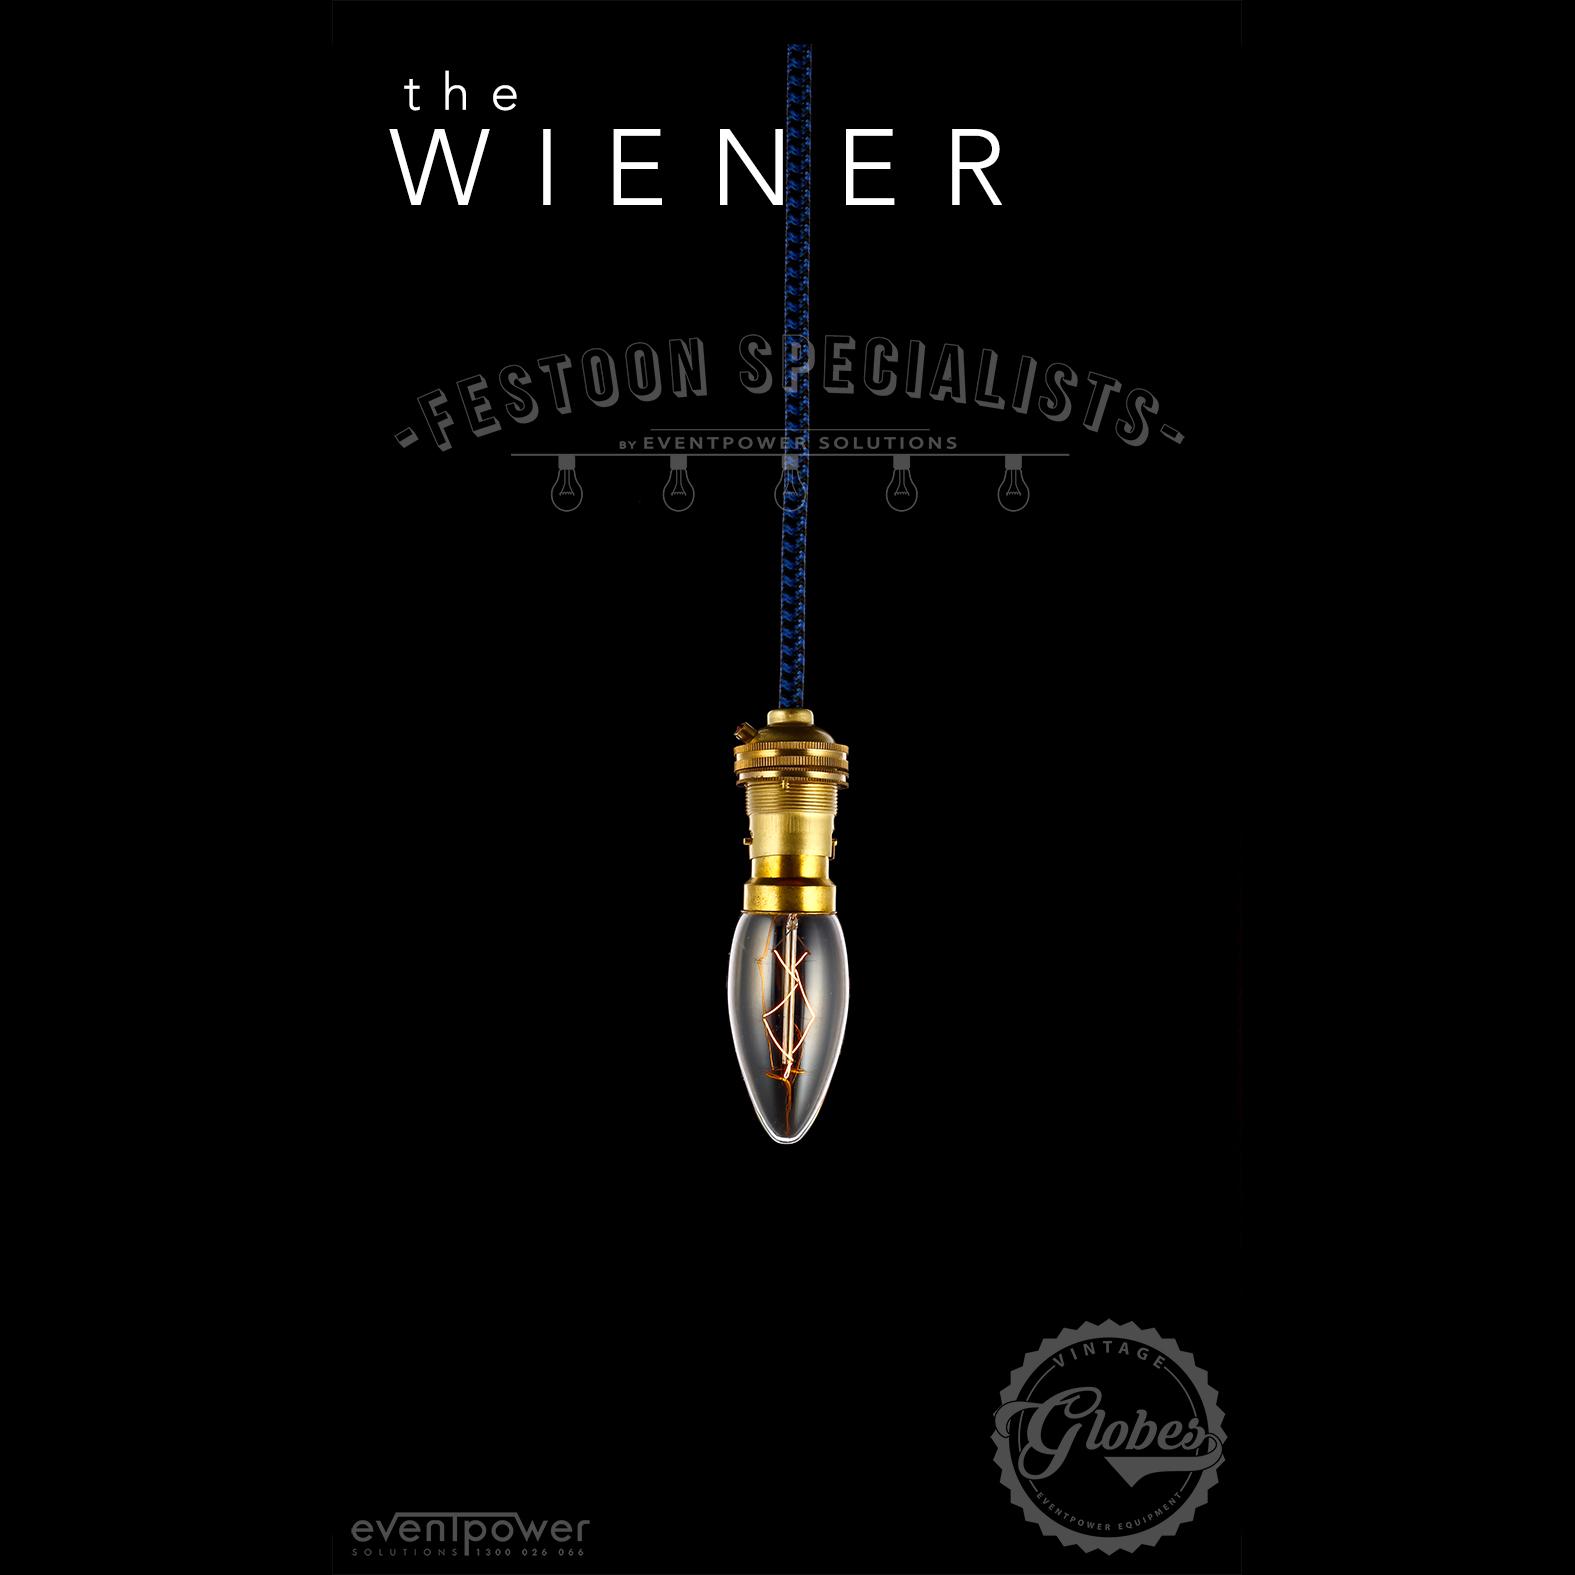 Festoon_Specialists-Wiener.jpg